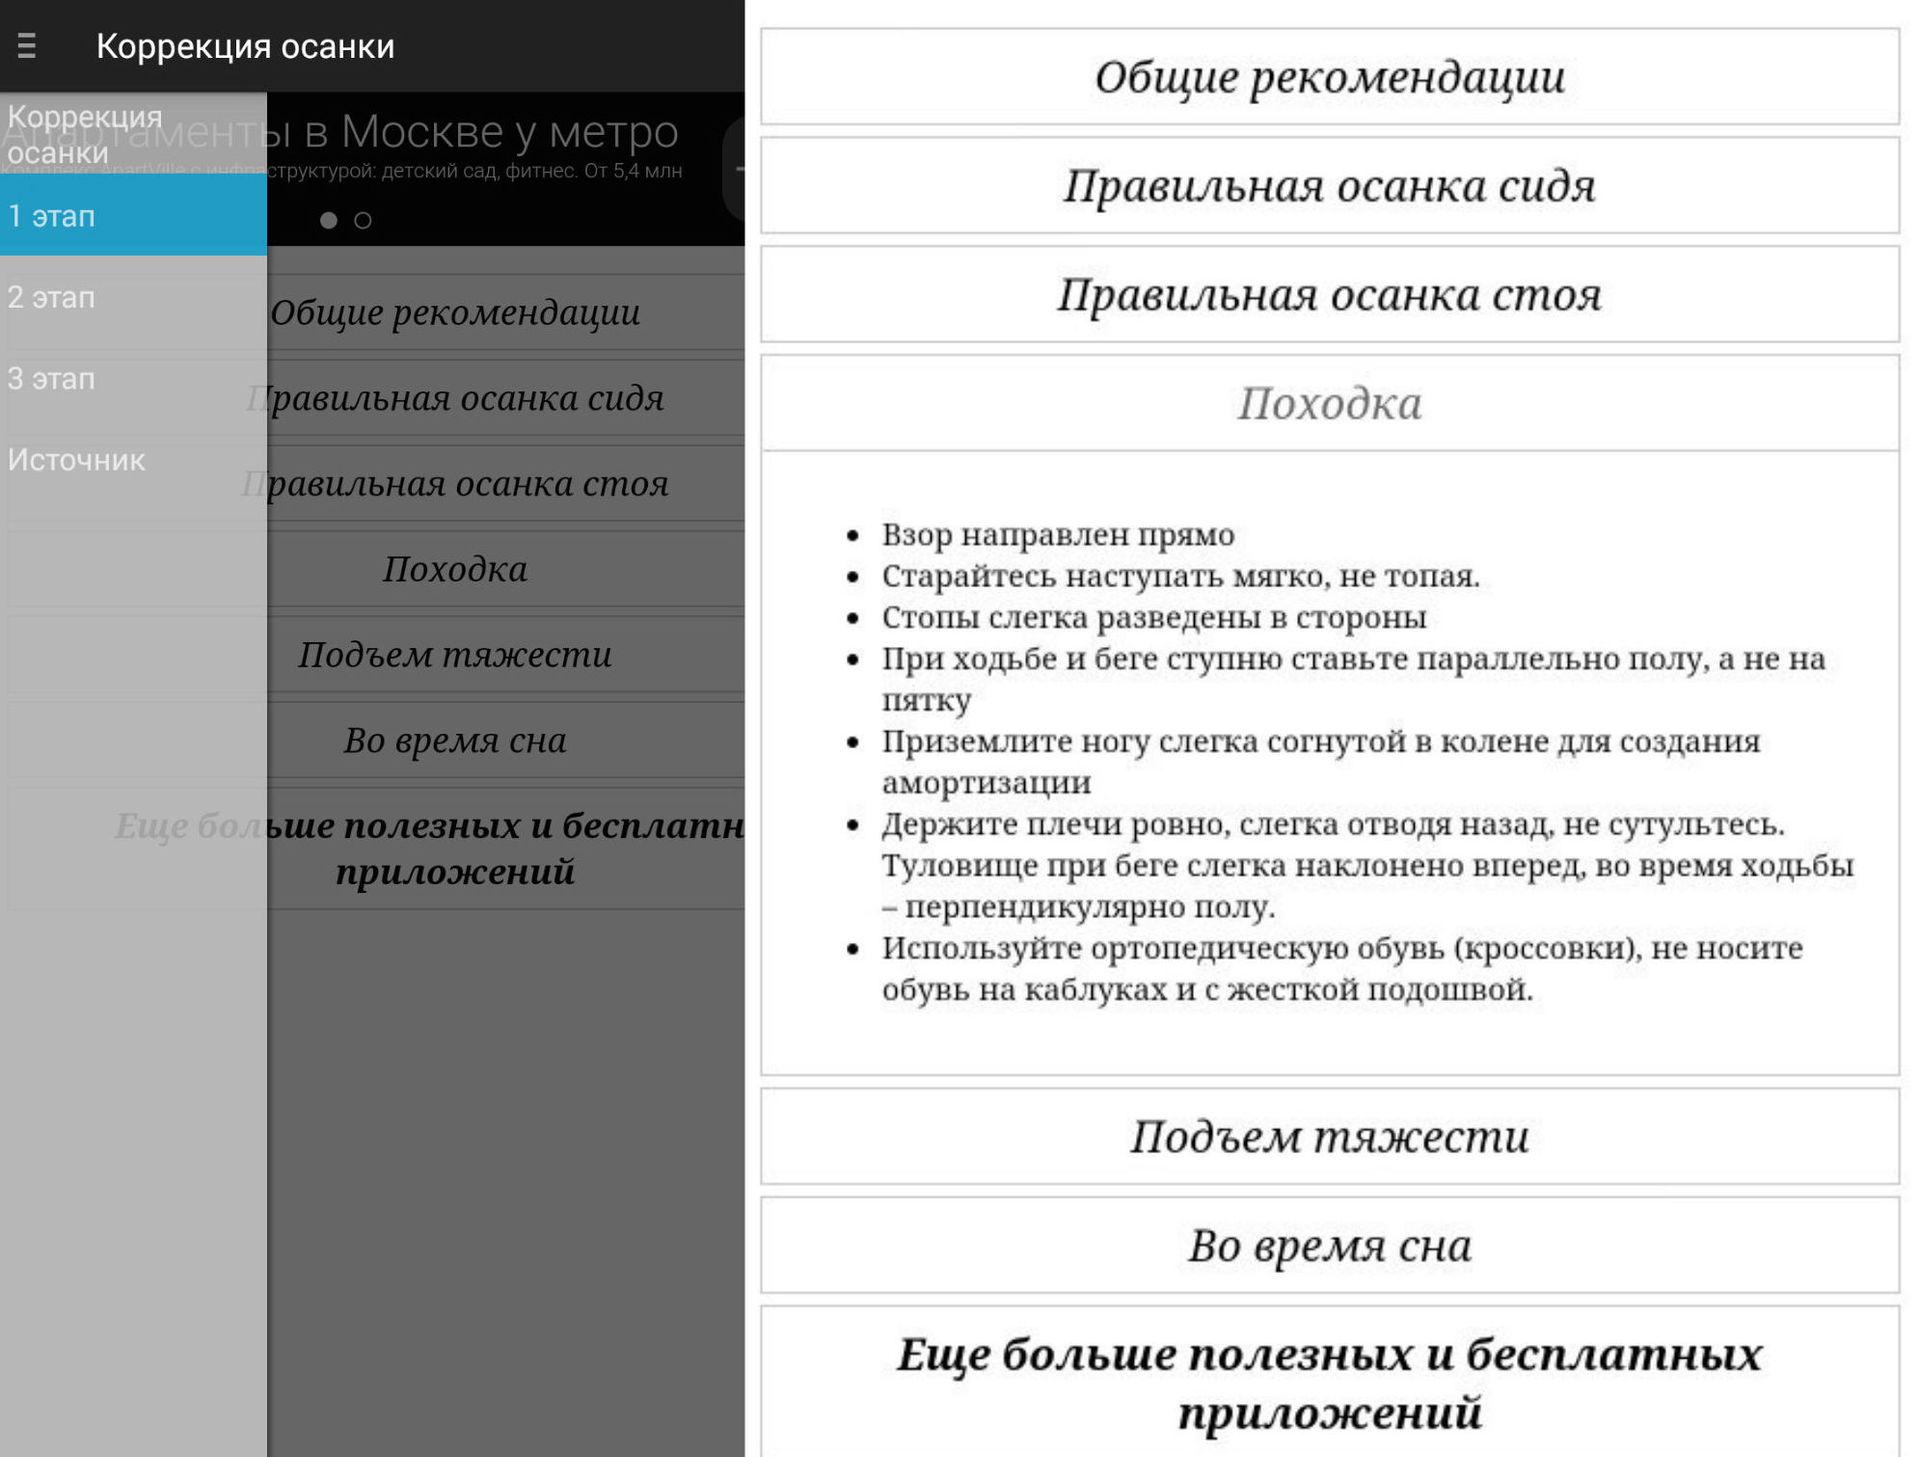 История для позвоночника: обзор корректора осанки Lumo Lift, софта из Google Play и российского «Мастера осанки» - 27